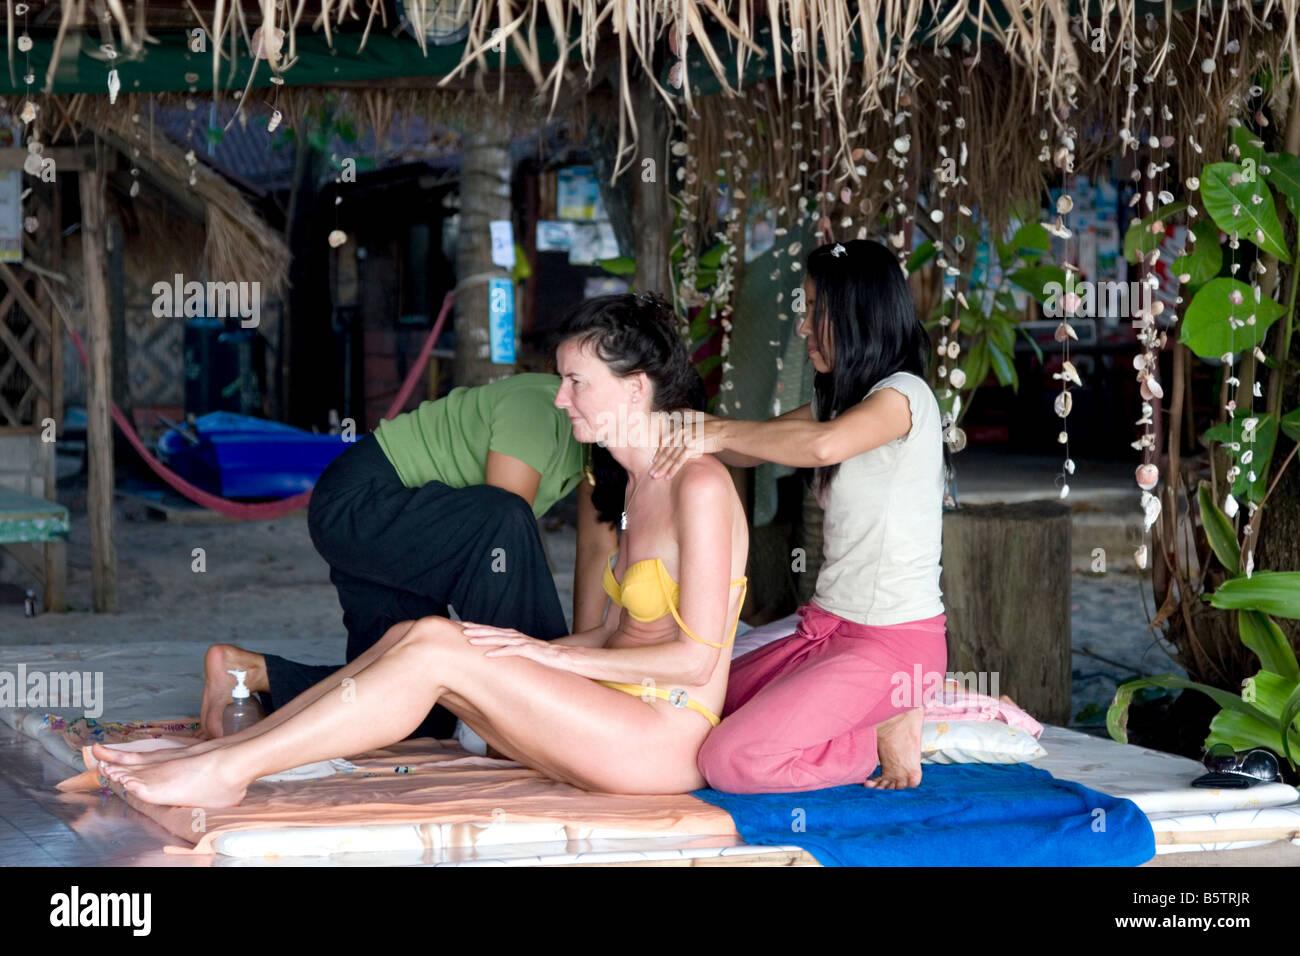 transparenta trosor thai smile massage